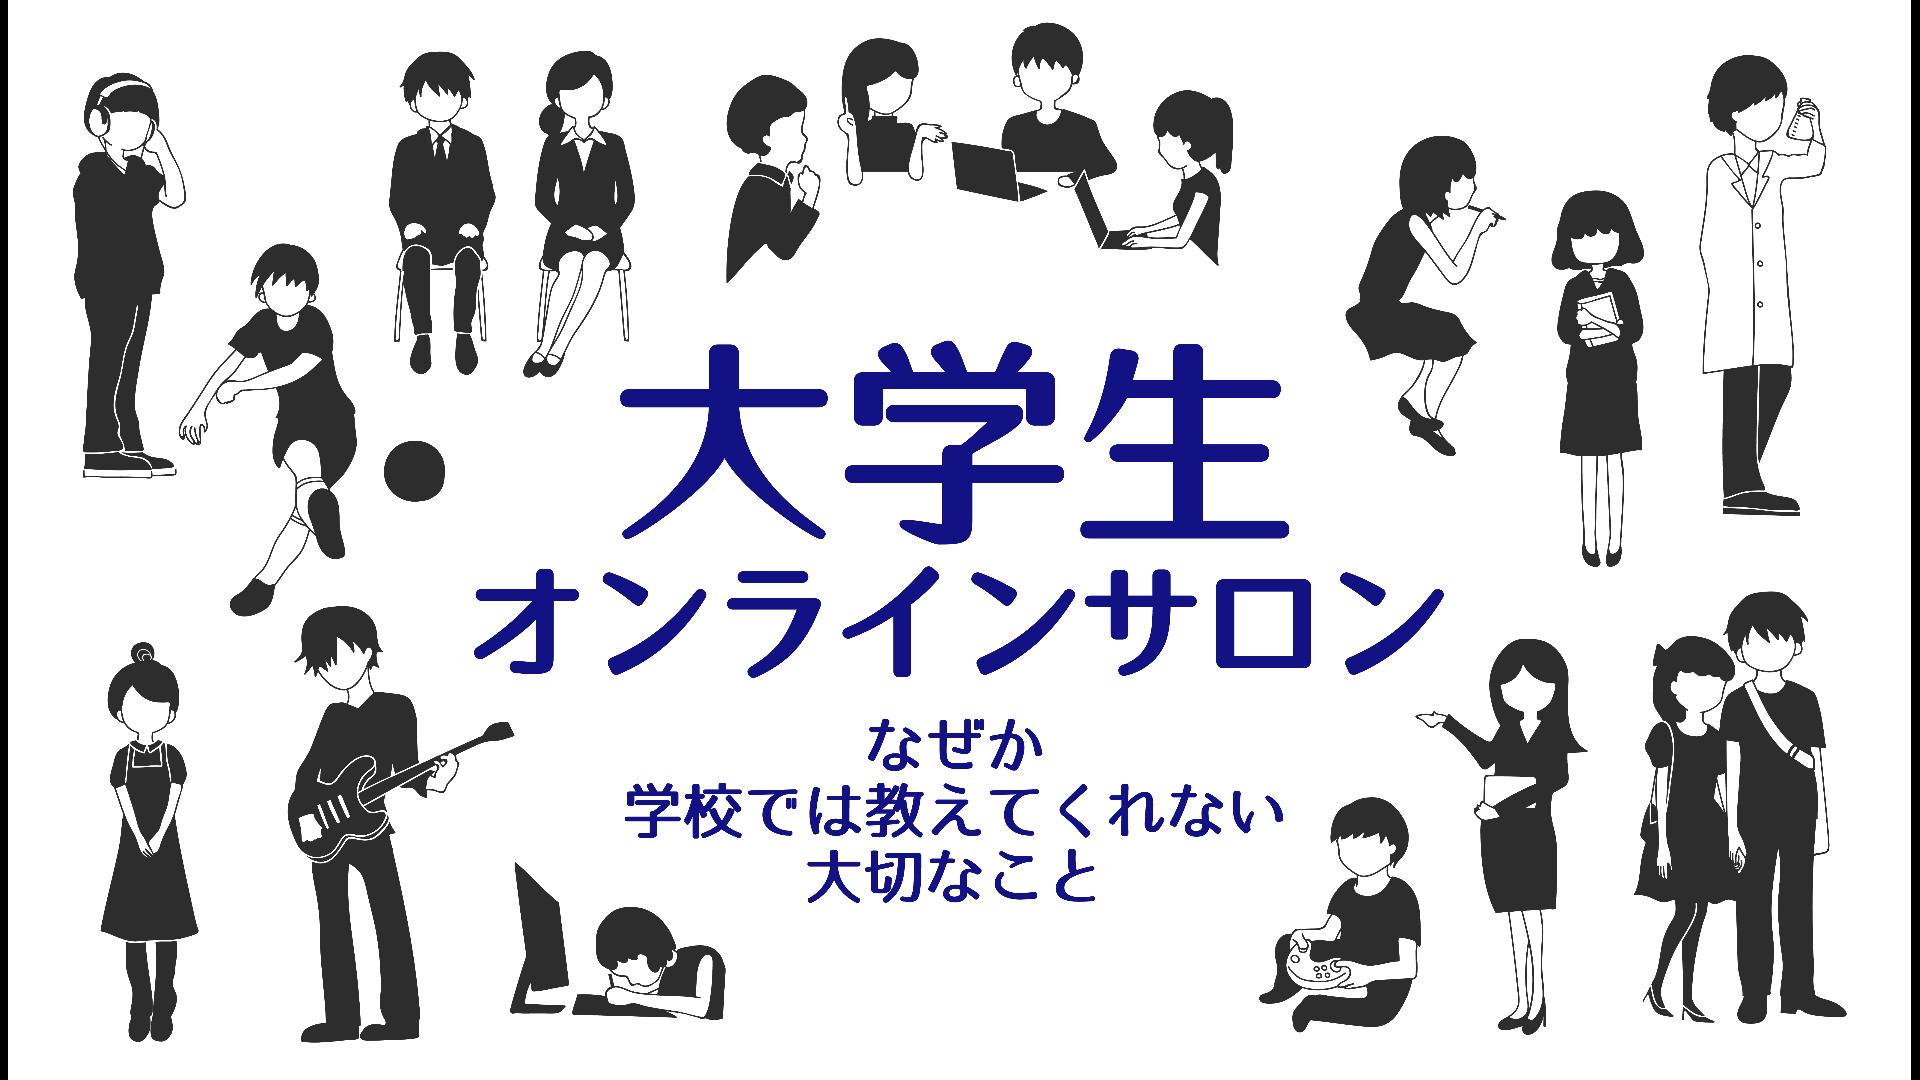 芳野真弥(よしのしんや) - 大学生オンラインサロン - DMM オンラインサロン